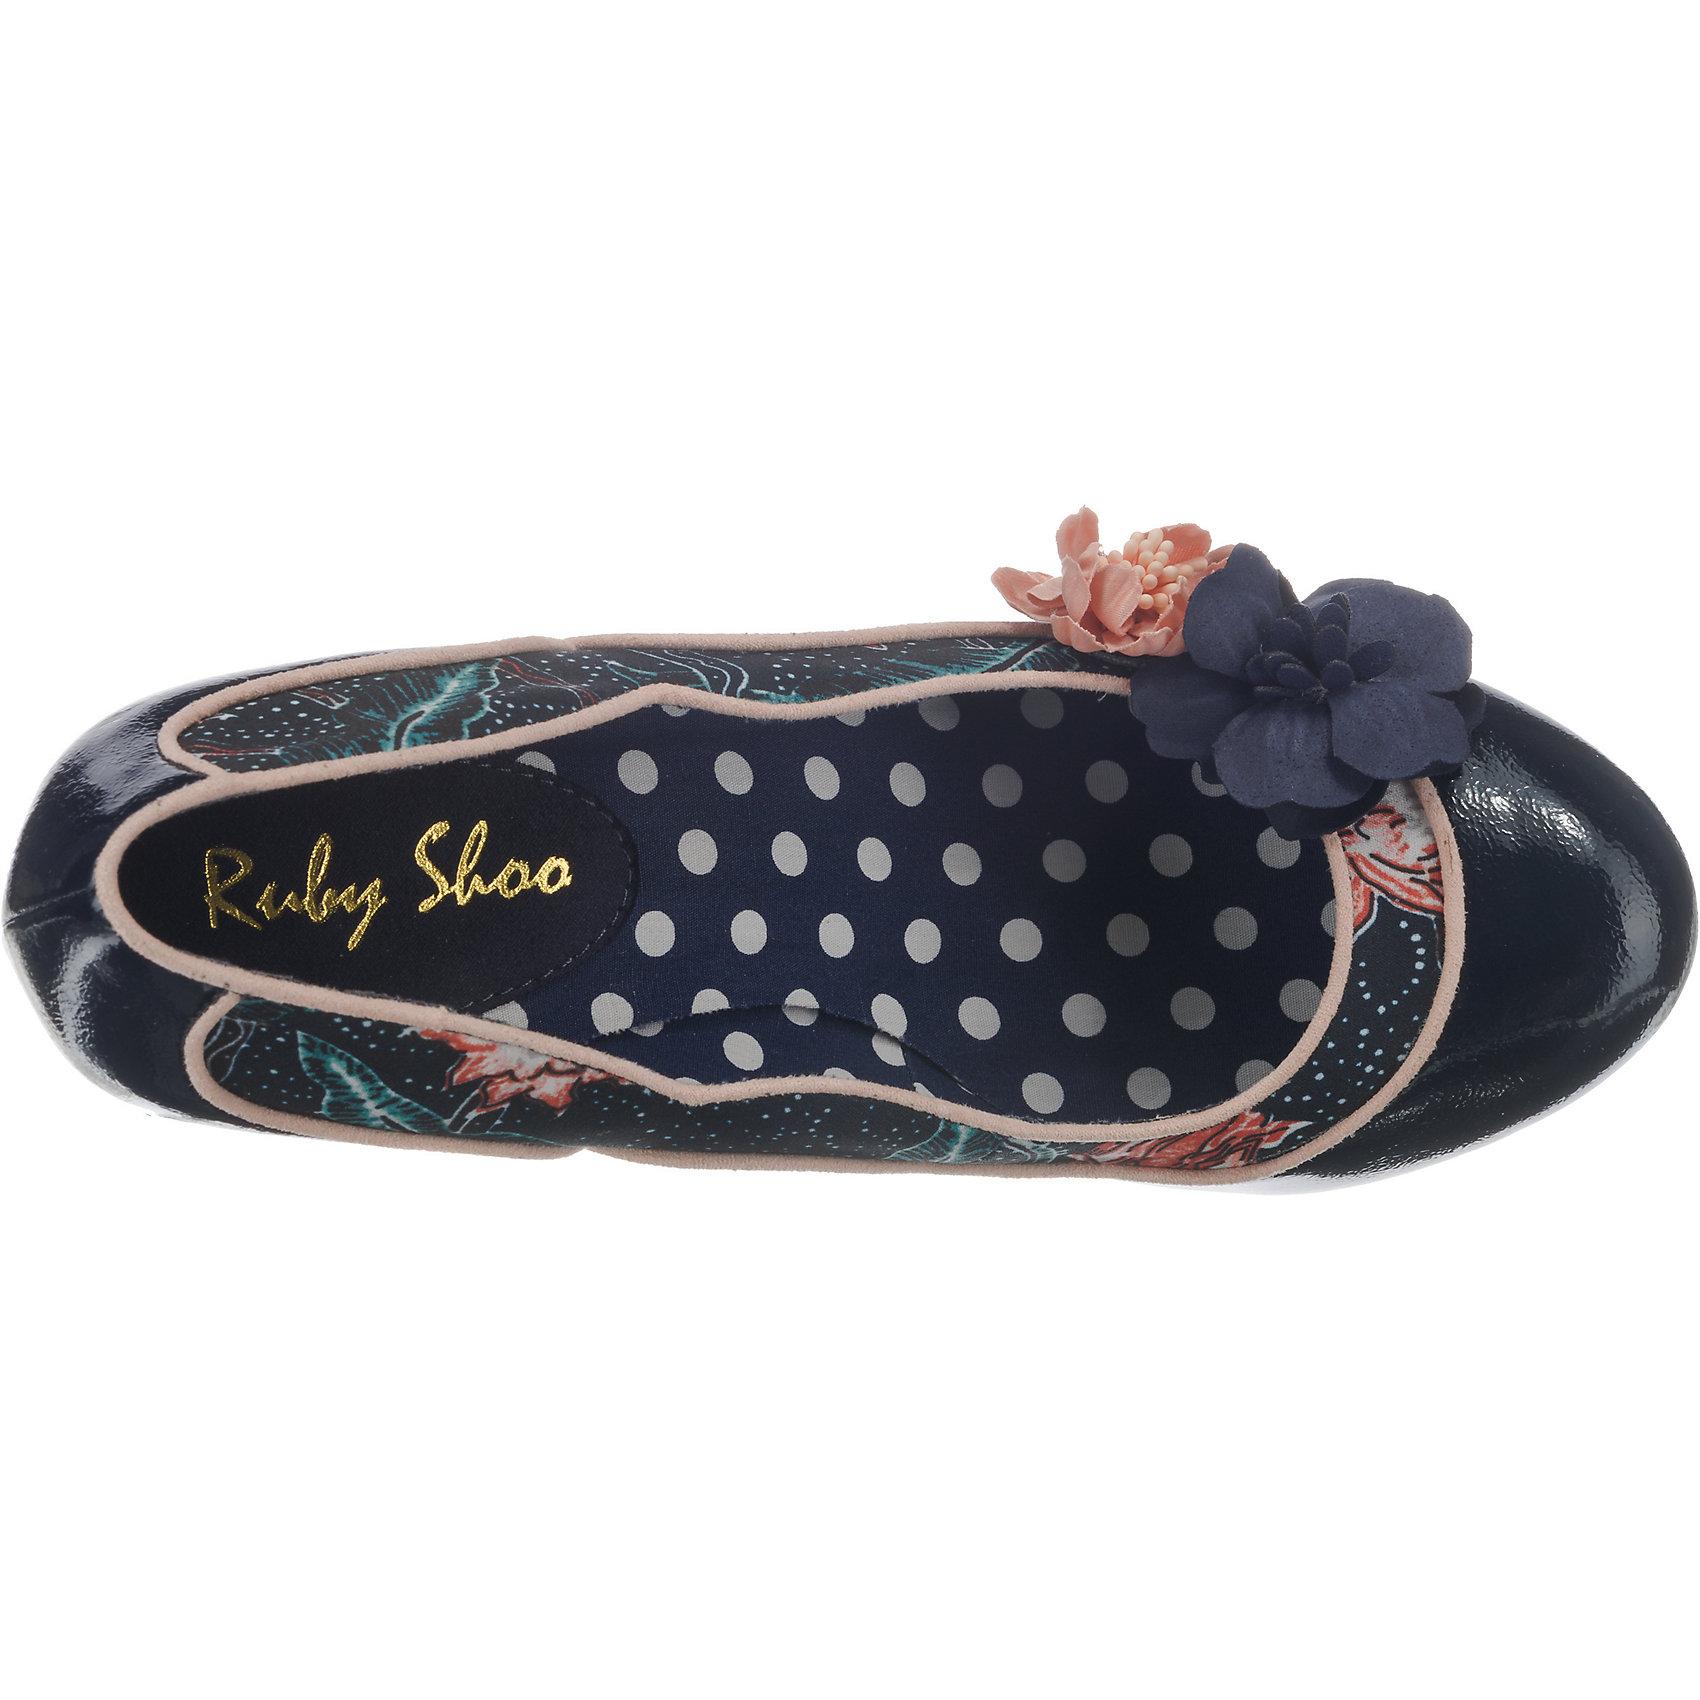 Neu Ruby Shoo Viola Klassische Pumps 7150890 für Damen